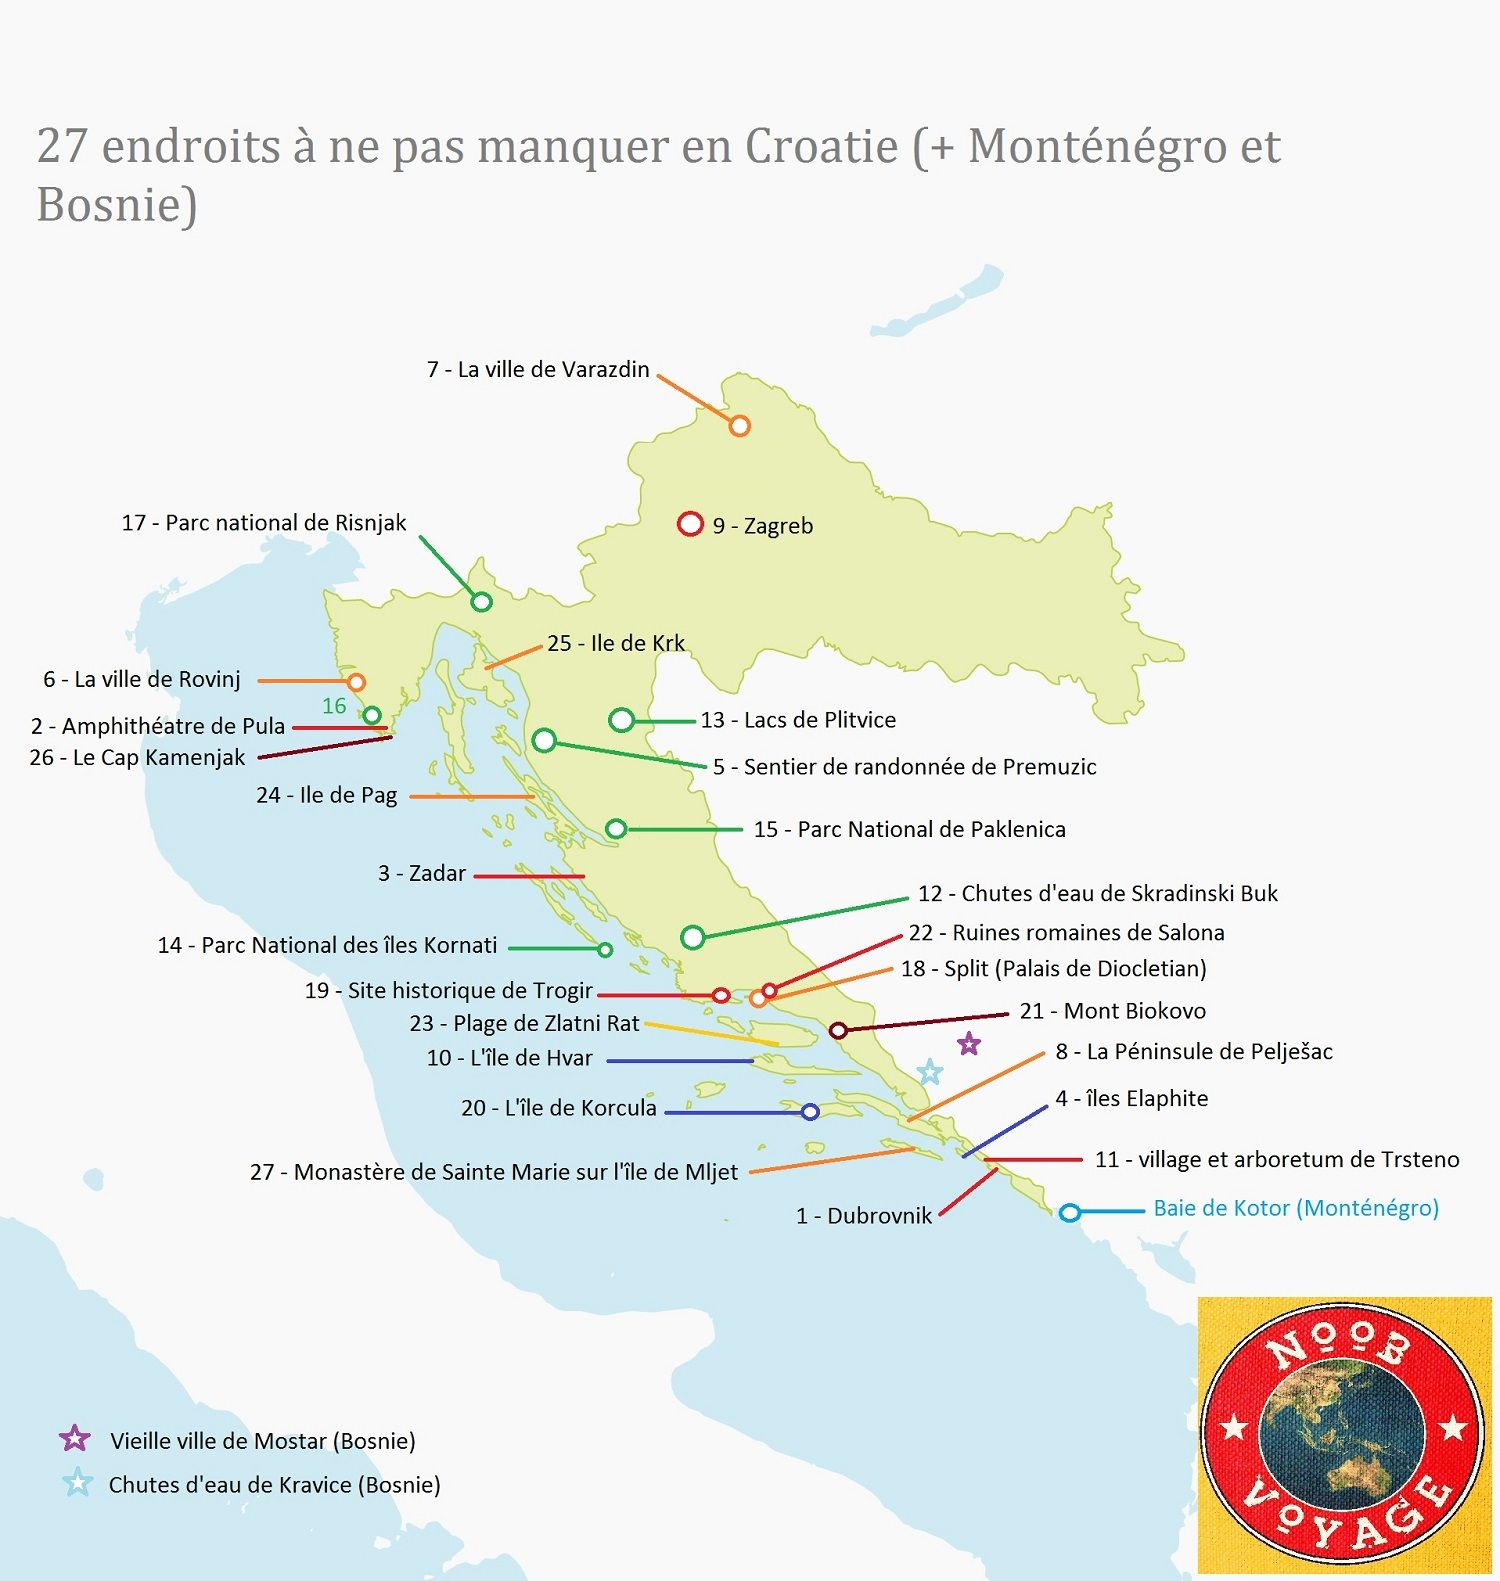 Carte De La Croatie Touristique.Carte De La Croatie Detaillee Touristique Les Endroits A Ne